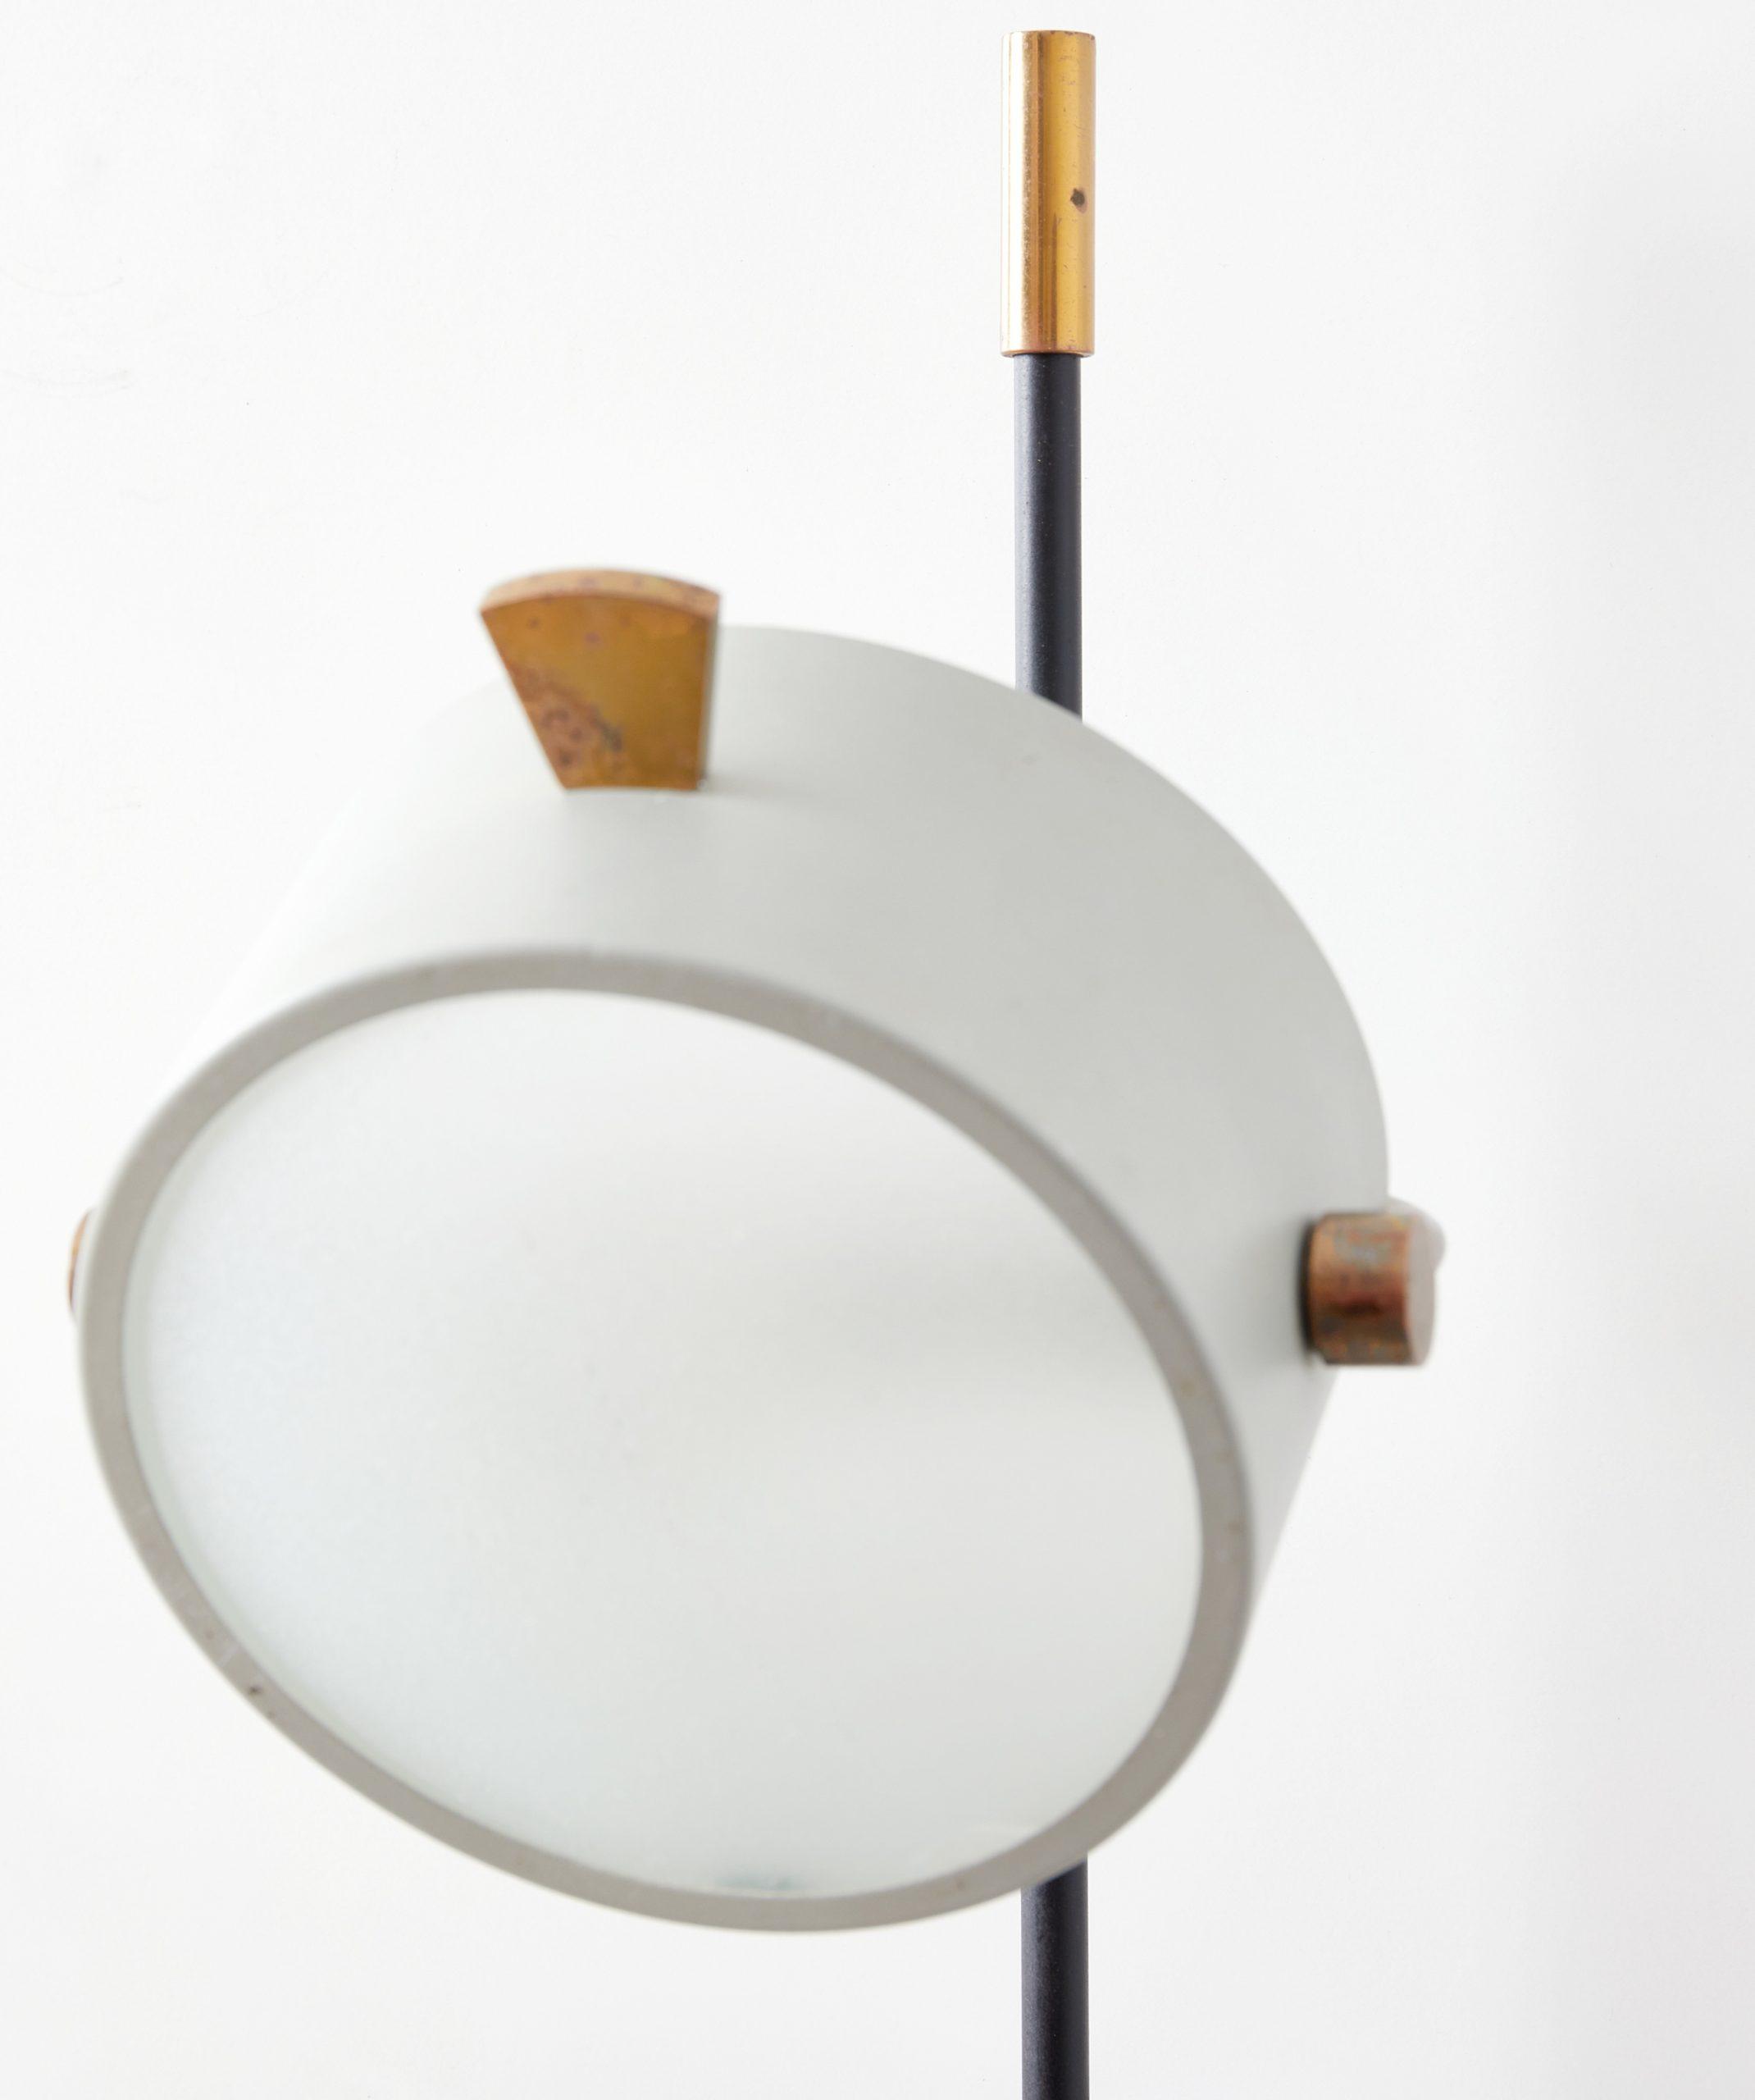 grande-applique-editions-lunel-a-trois-reflecteurs-image-09